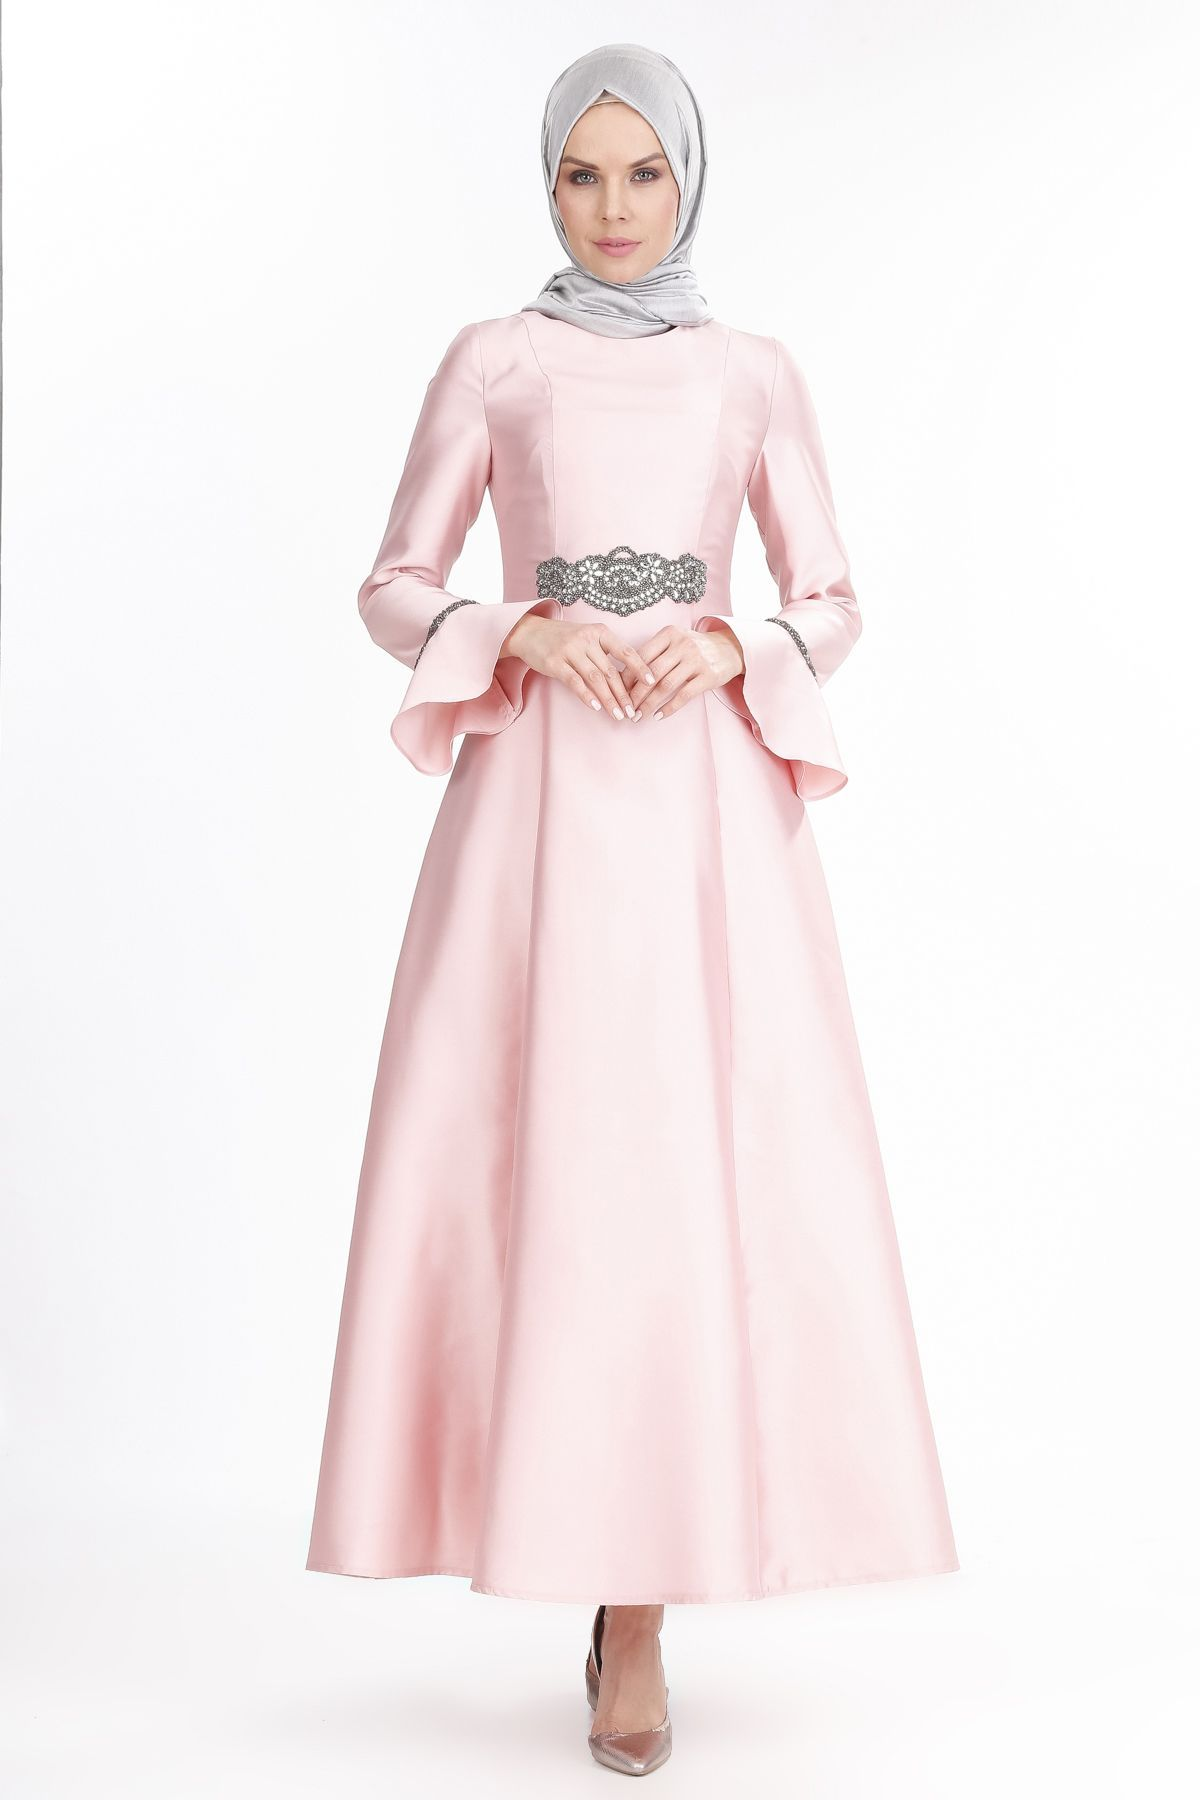 d0c7b5ea1155b 2018 SETRMS Tesettür Abiye Elbise Modelleri ,  https://www.tesetturelbisesi.com